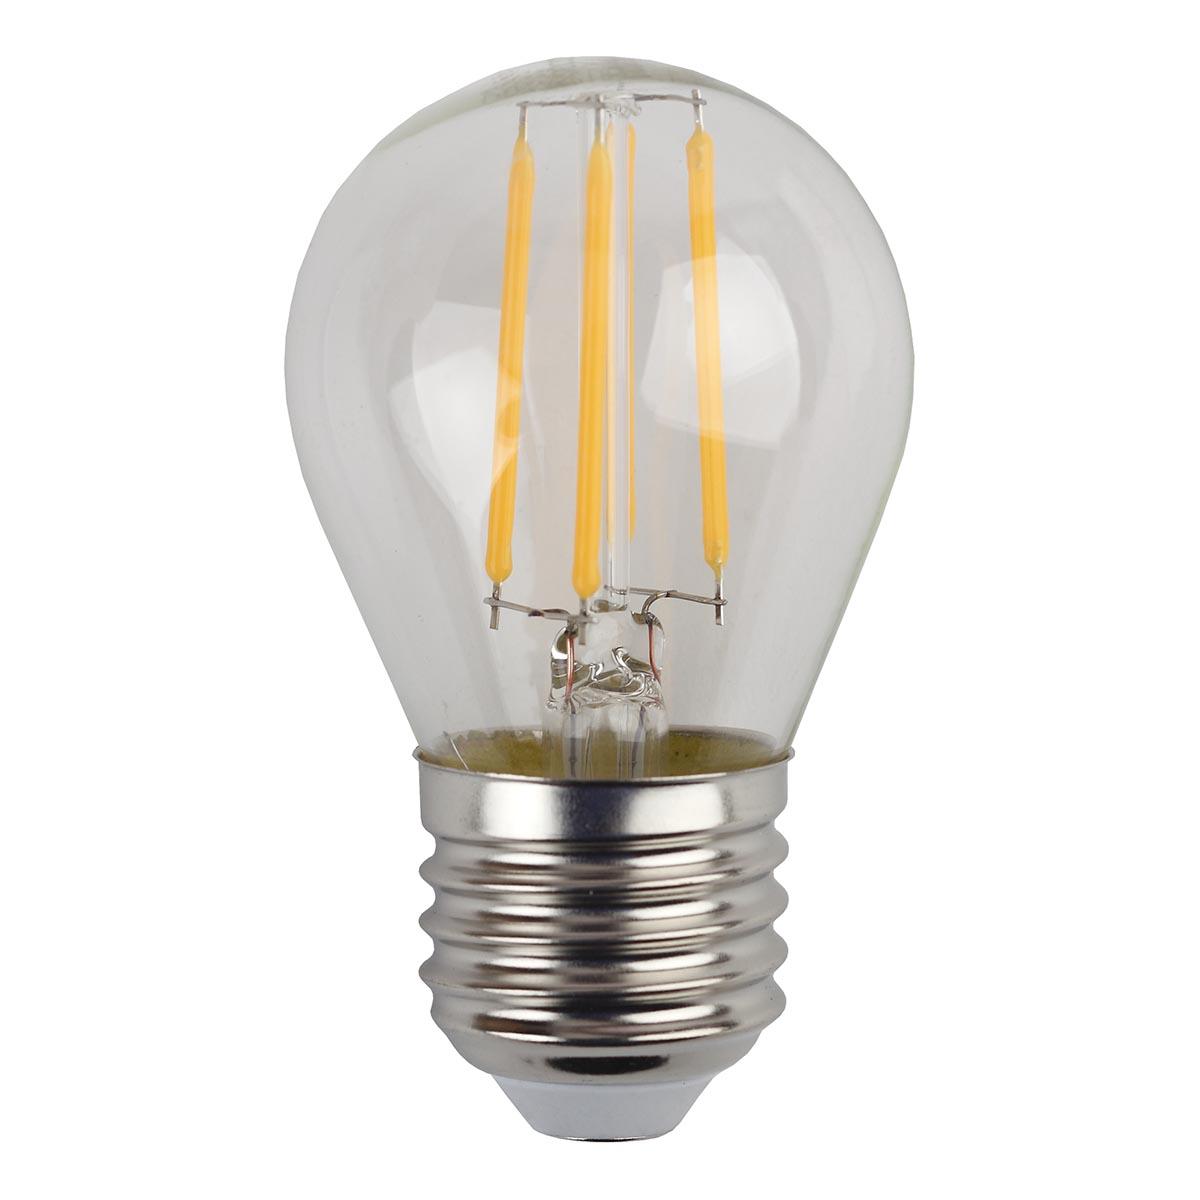 Лампочка ЭРА F-LED P45-9w-827-E27 F-LED P45 лампа светодиодная led p45 9w 827 e27